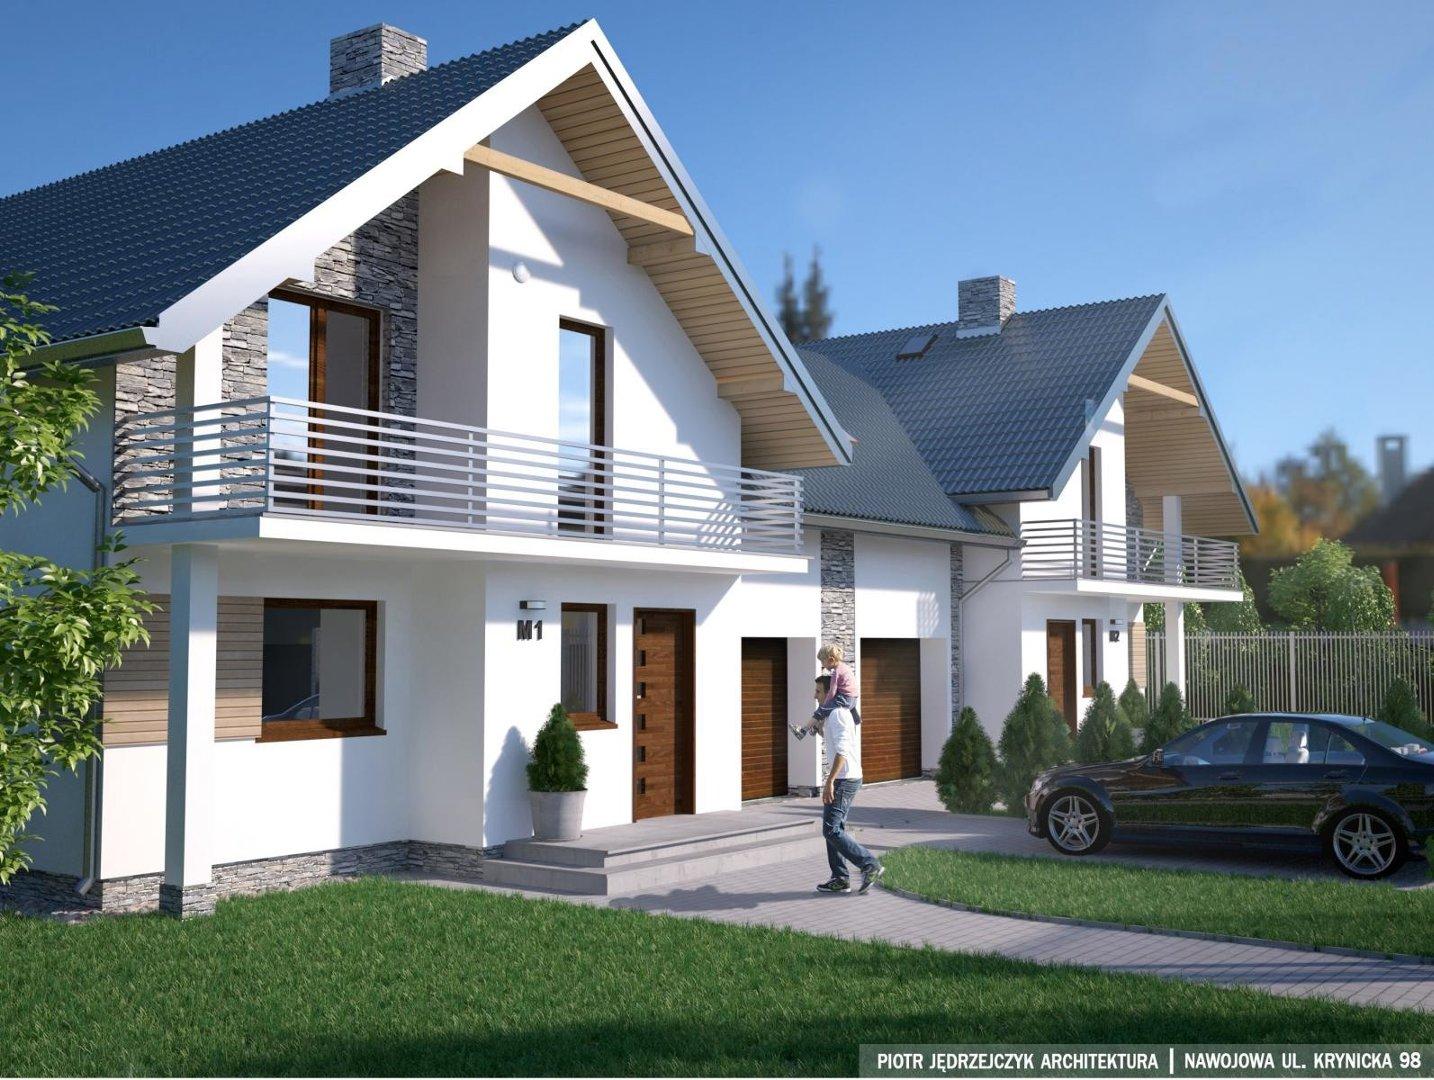 bcf96e3faa21f Wymarzony dom czeka na Ciebie przy ul. Długoszowskiego w Nowym Sączu ...